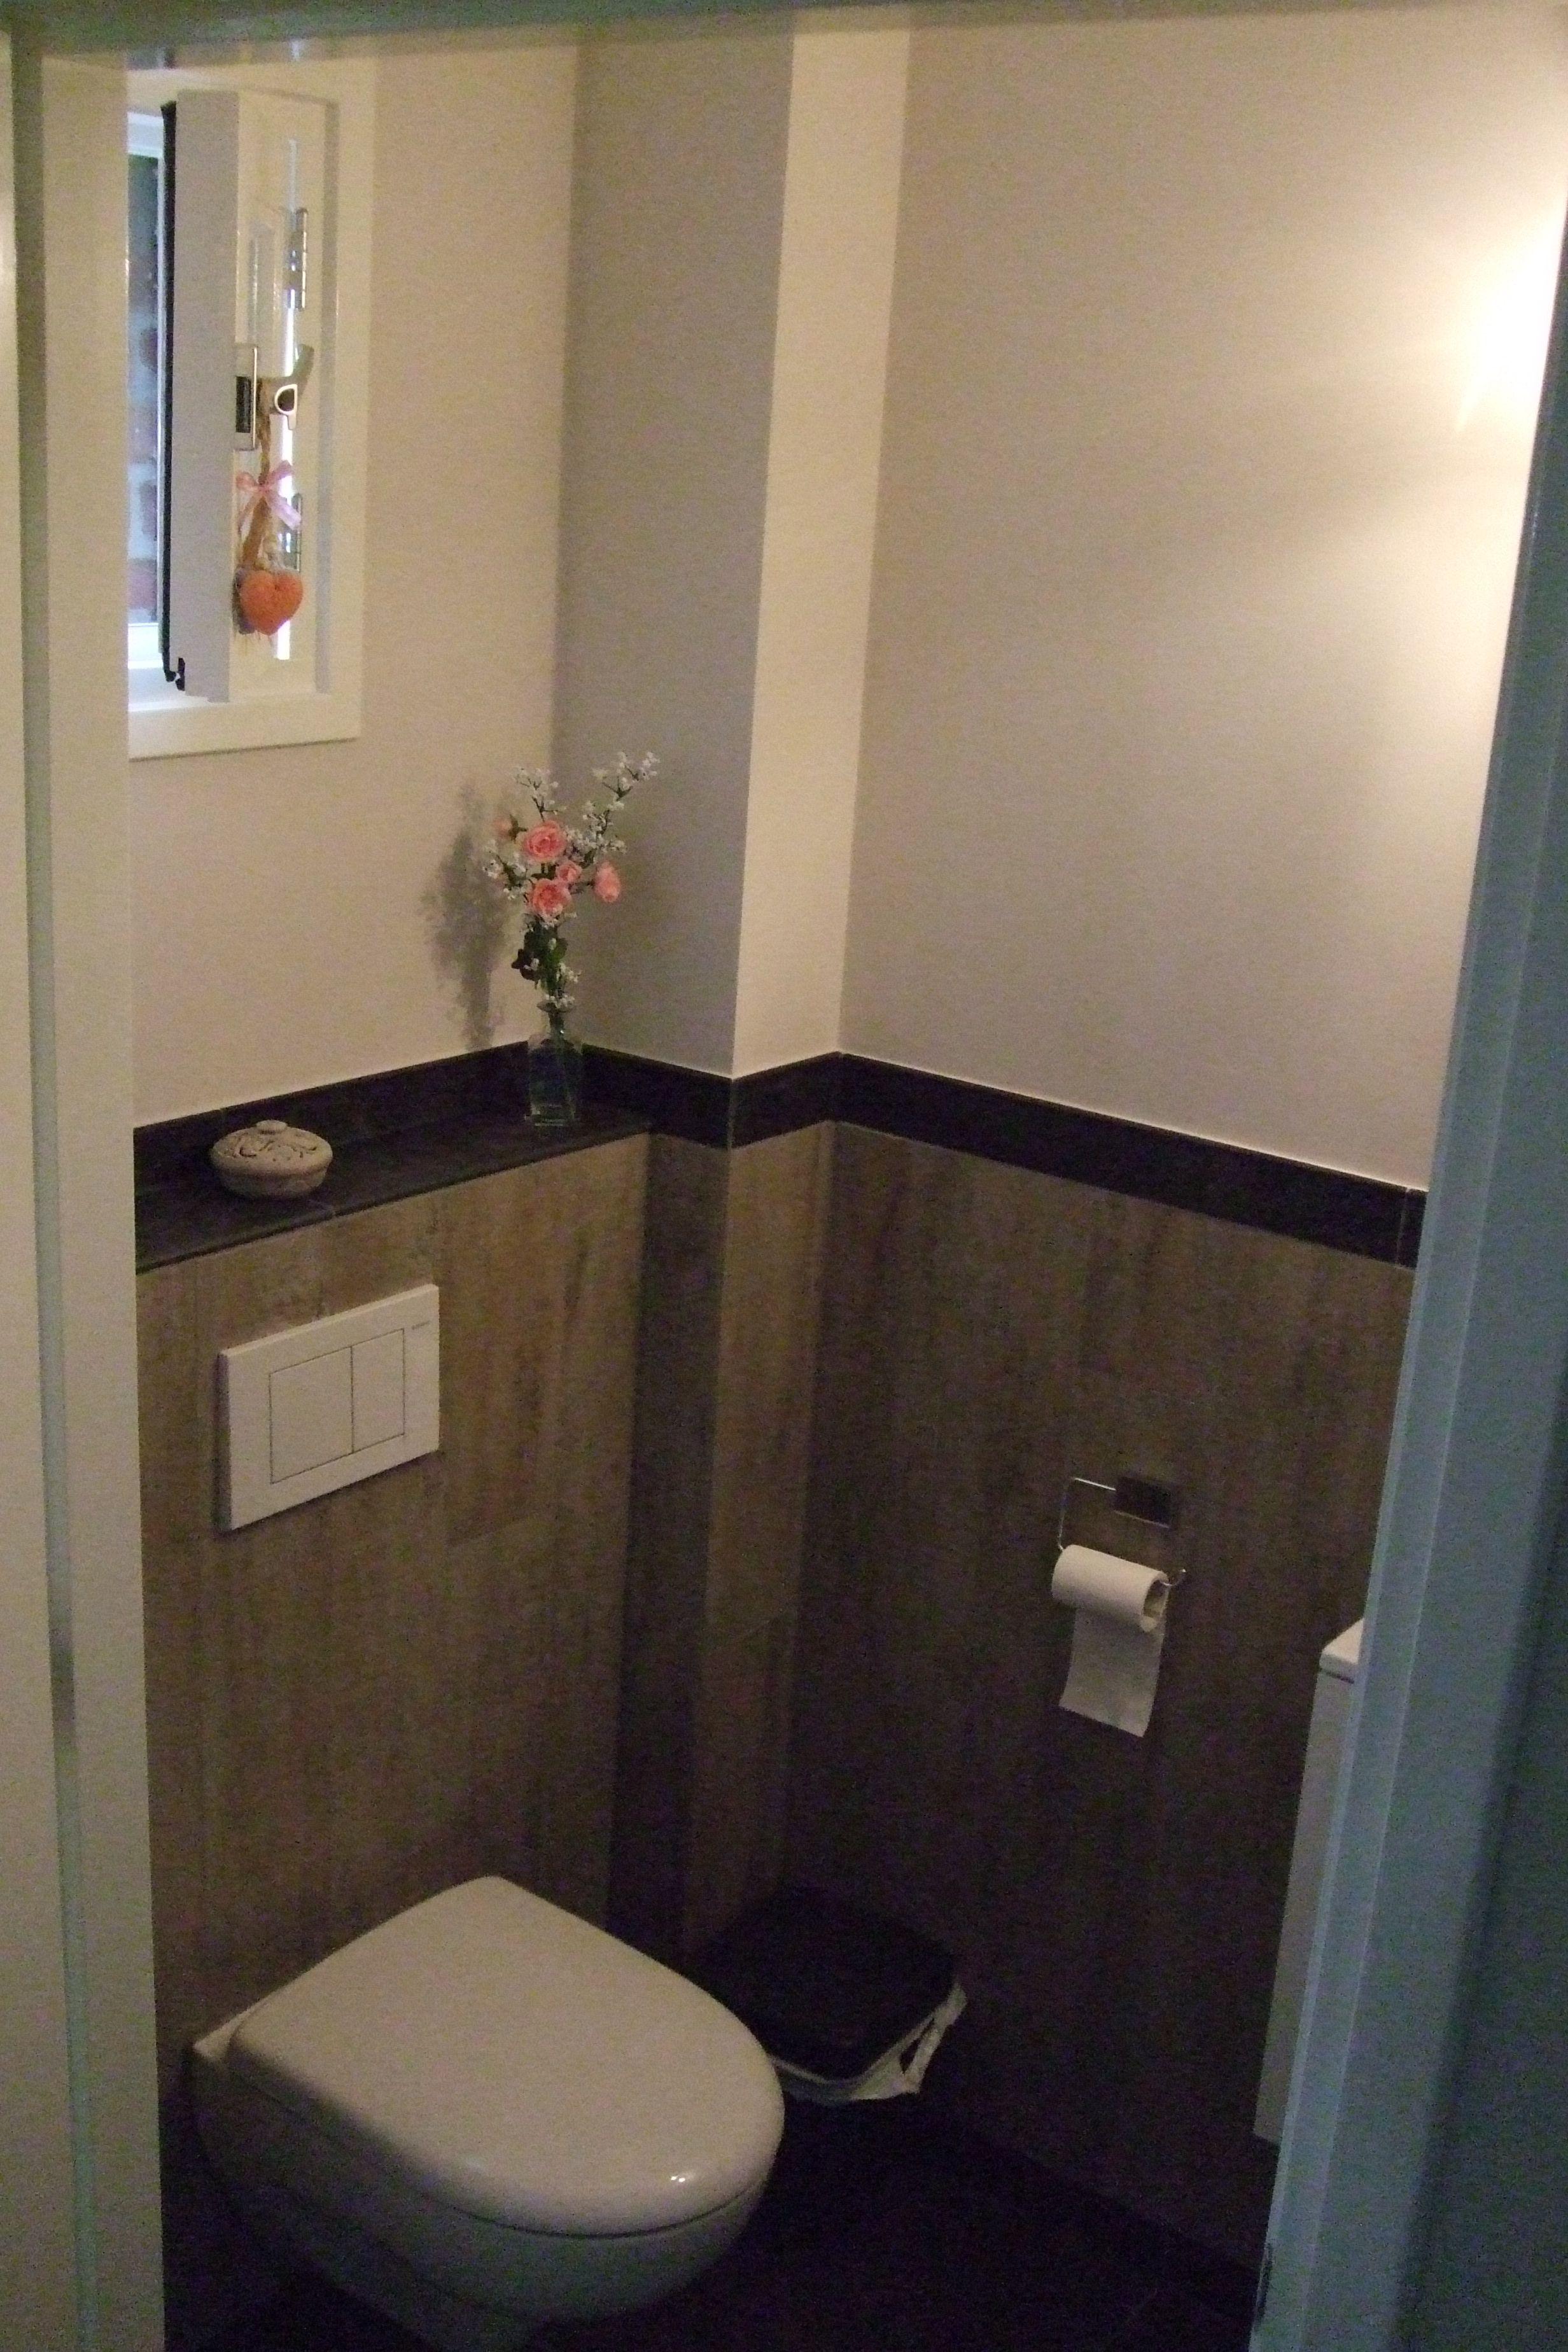 Badkamers en wc | Witlox Bouwbedrijf